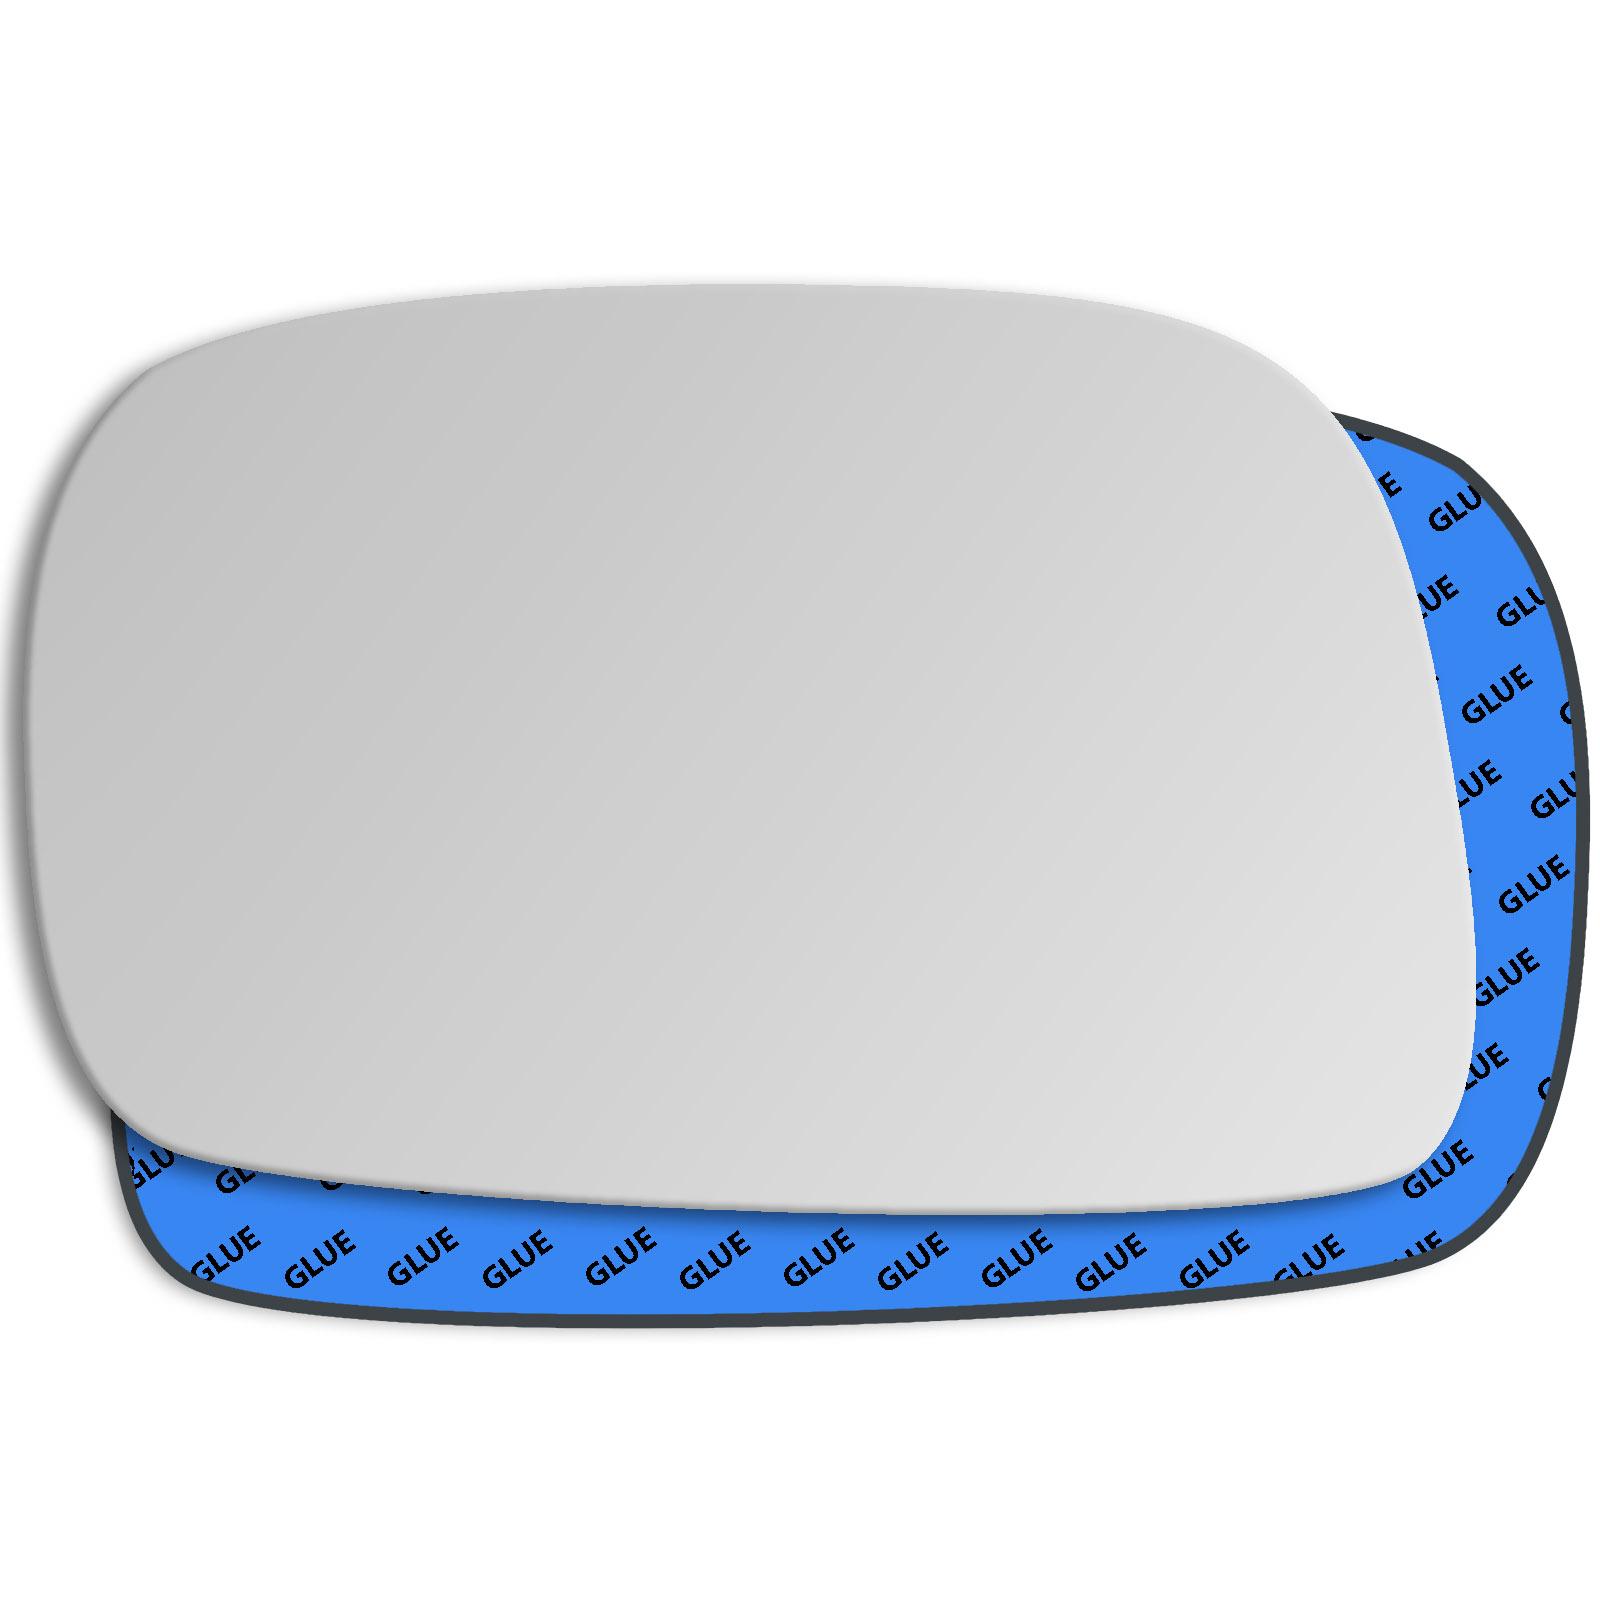 Vauxhall Agila Door Wing Mirror Replacement Glass Left Side 2000-2007